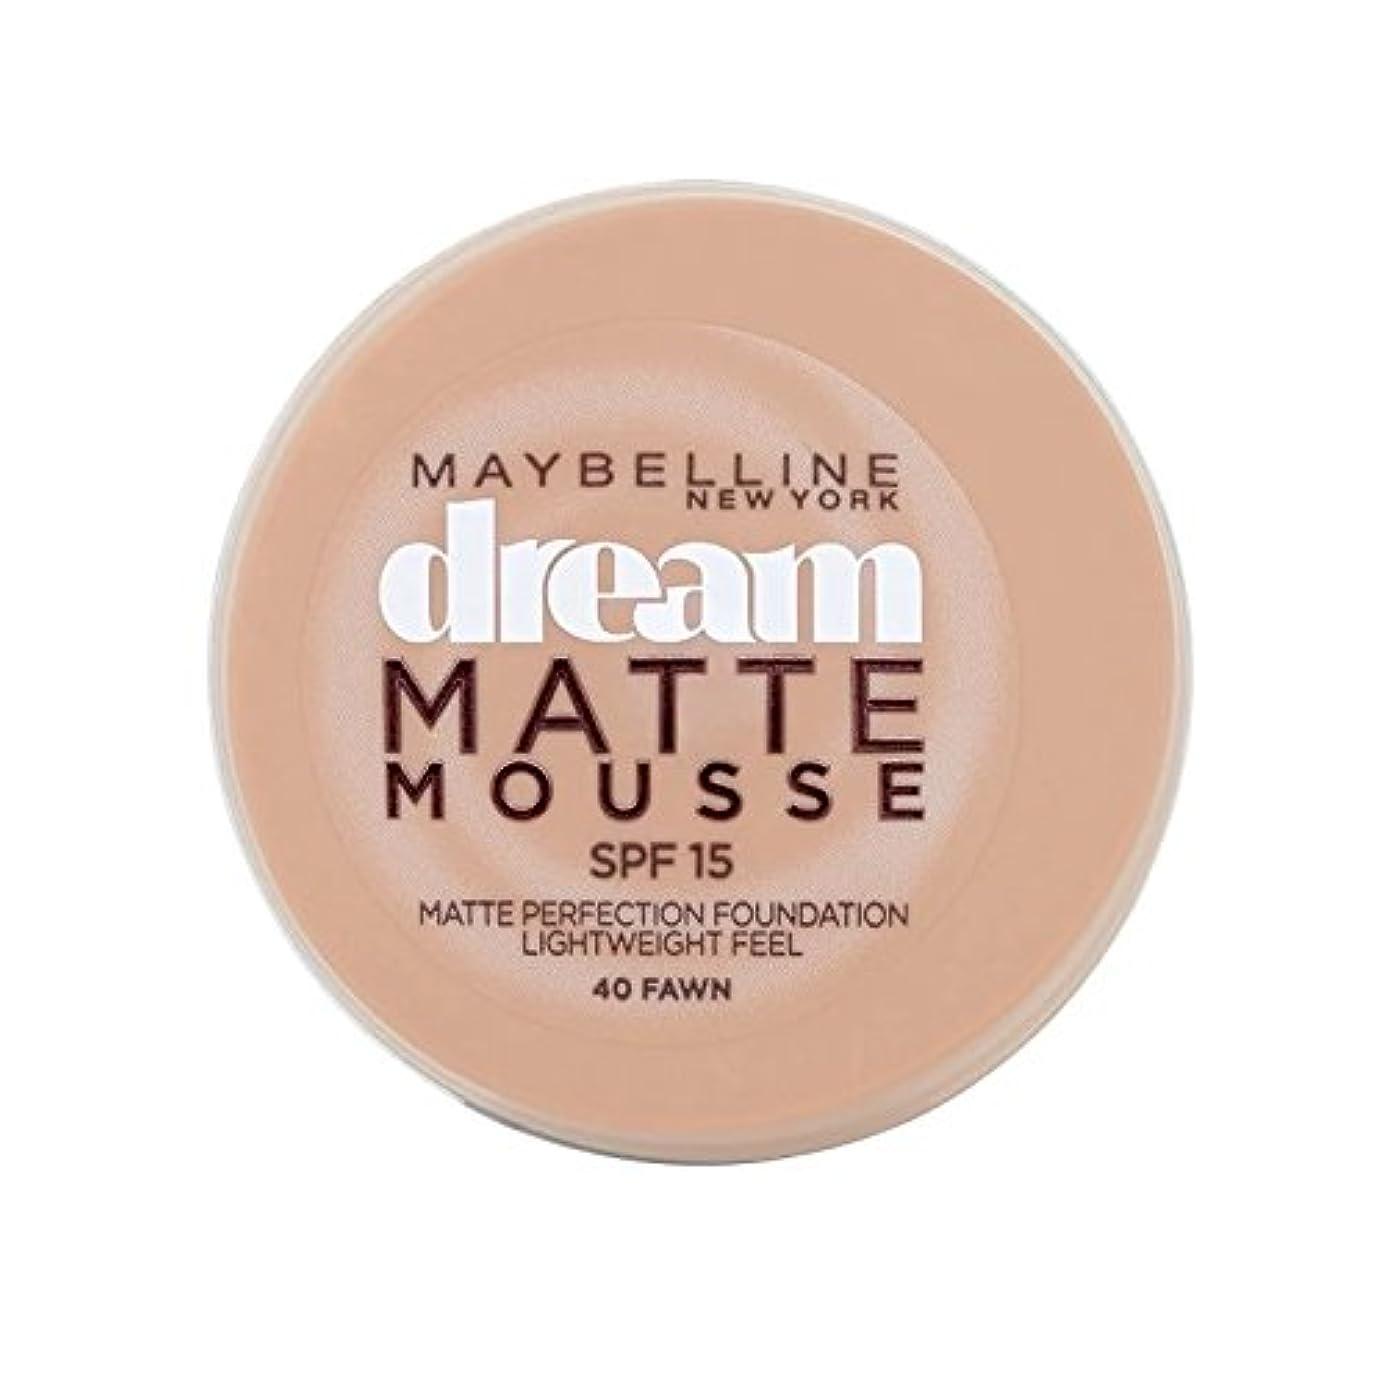 目的棚侮辱Maybelline Dream Matte Mousse Foundation 40 Fawn 10ml (Pack of 6) - メイベリン夢のマットムース土台40子鹿の10ミリリットル x6 [並行輸入品]